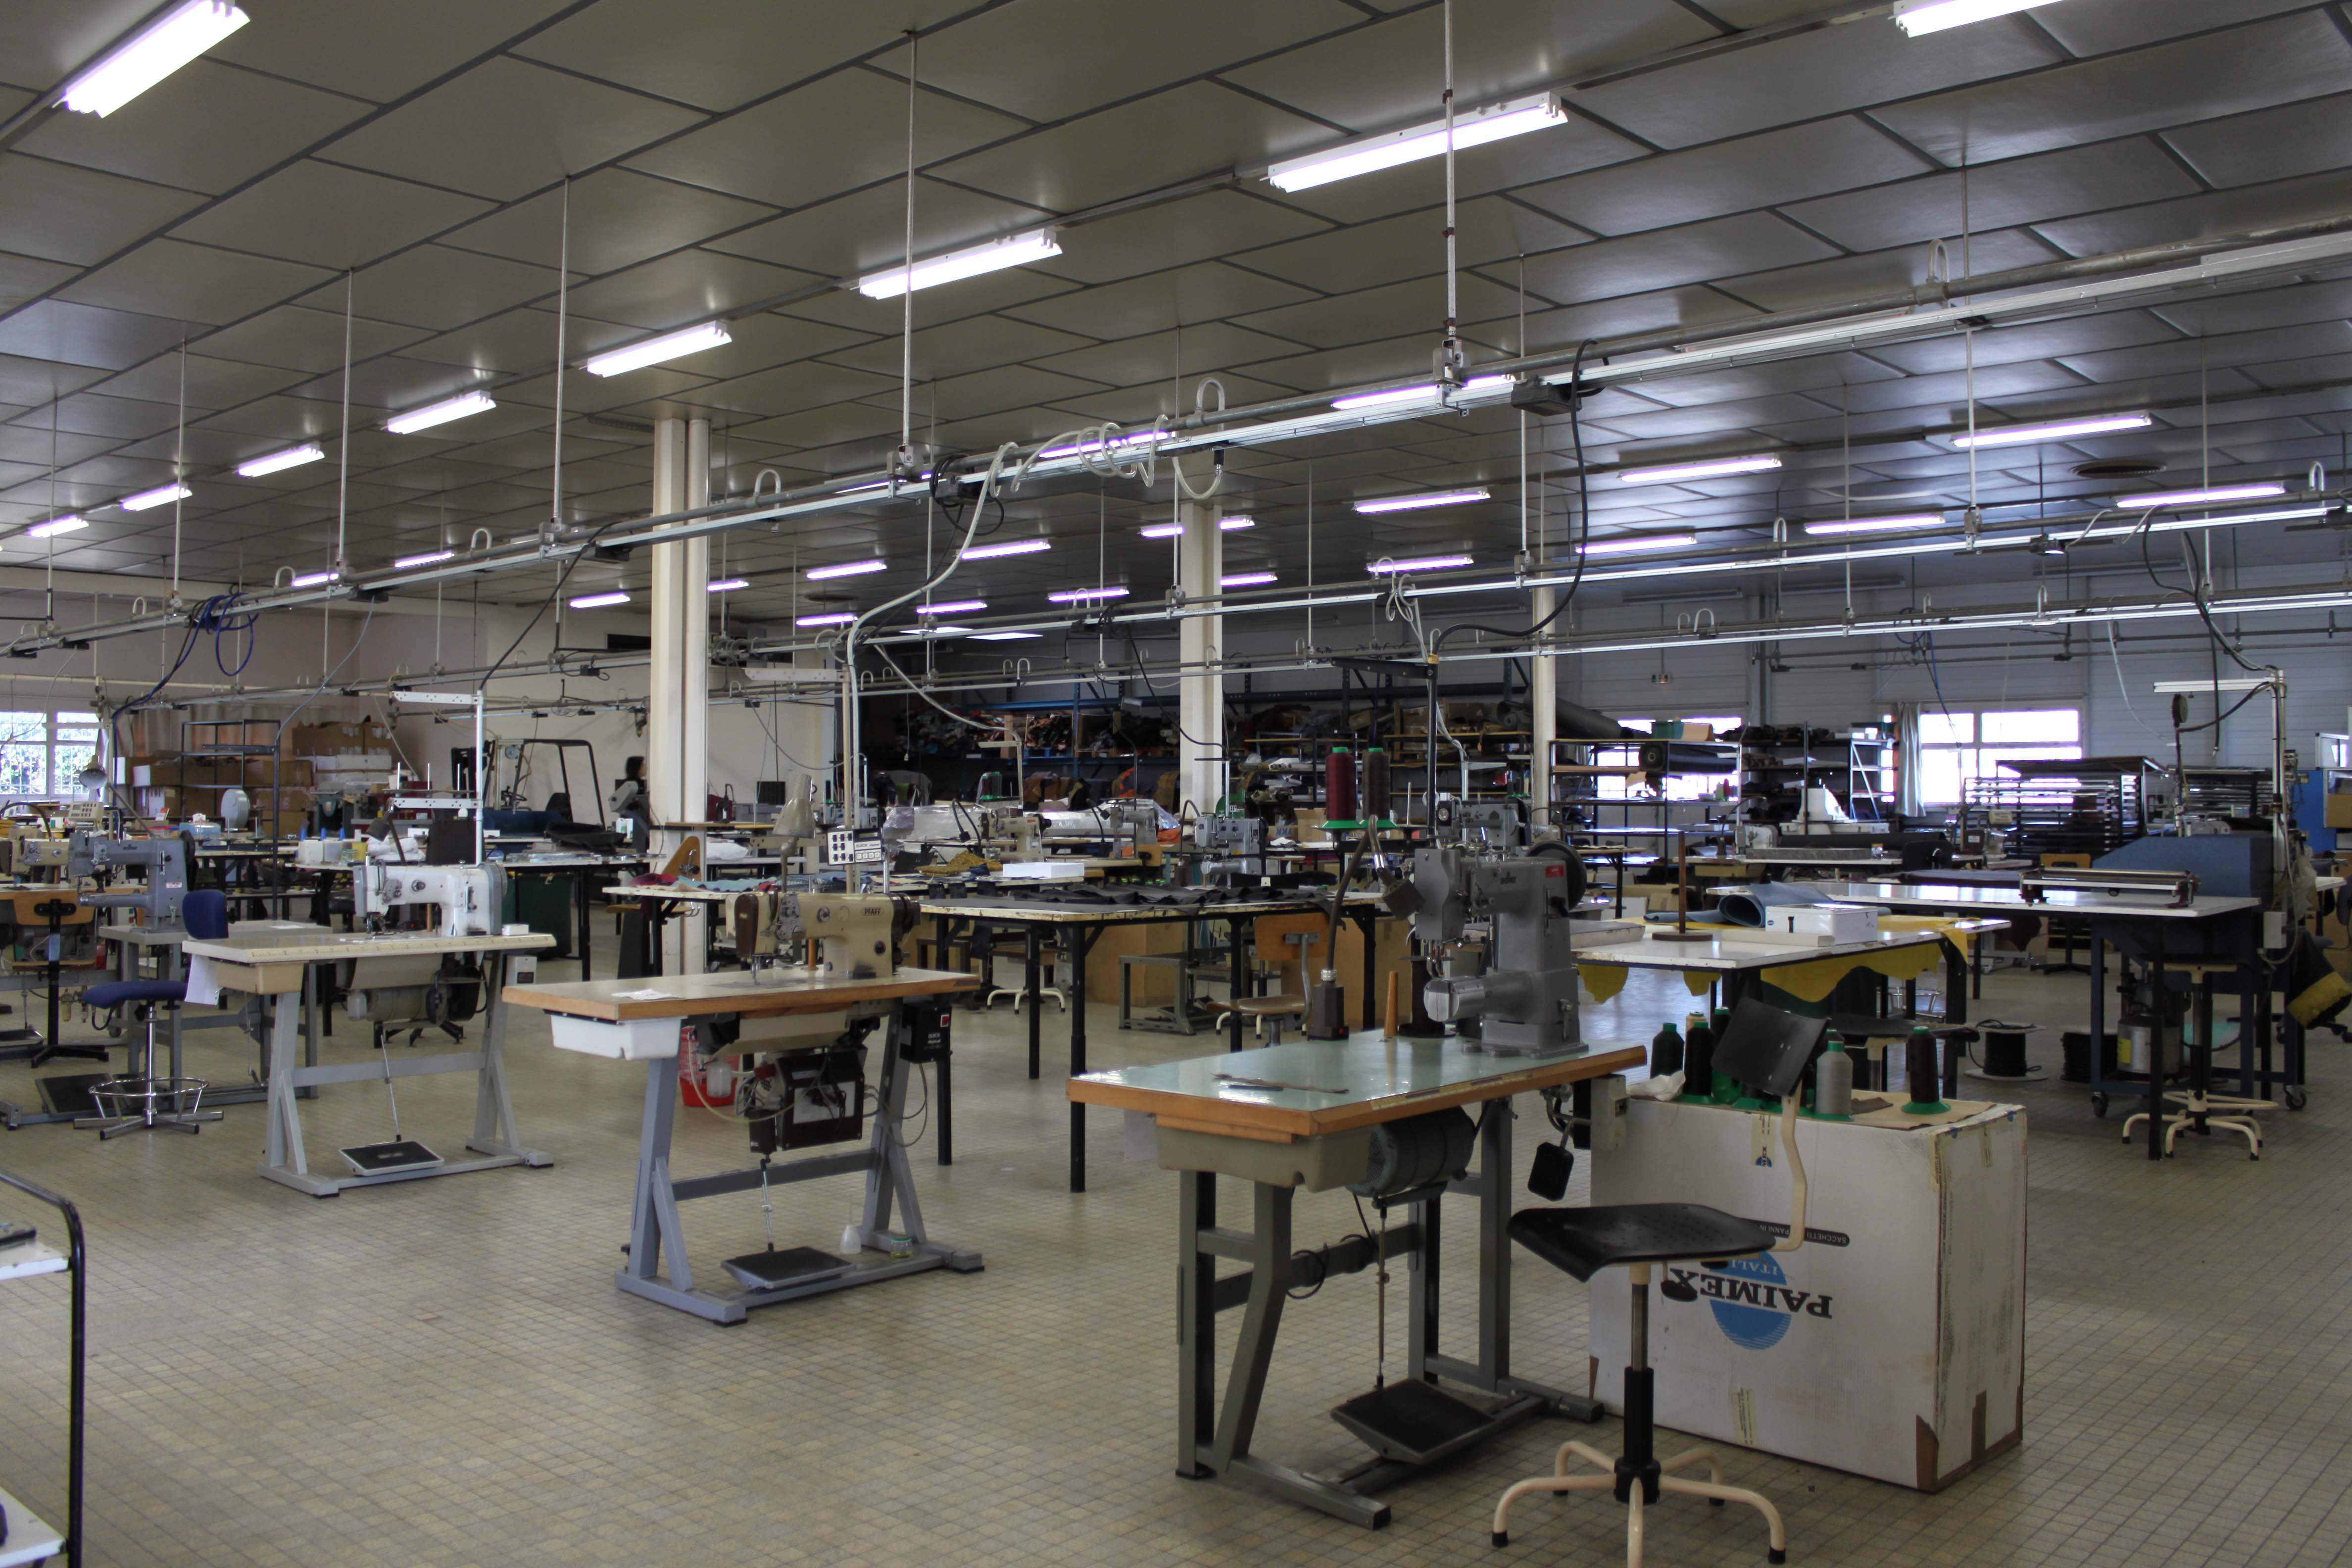 la manuf - La Manufacture du Cuir - Saint-Aubin le Cloud - atelier